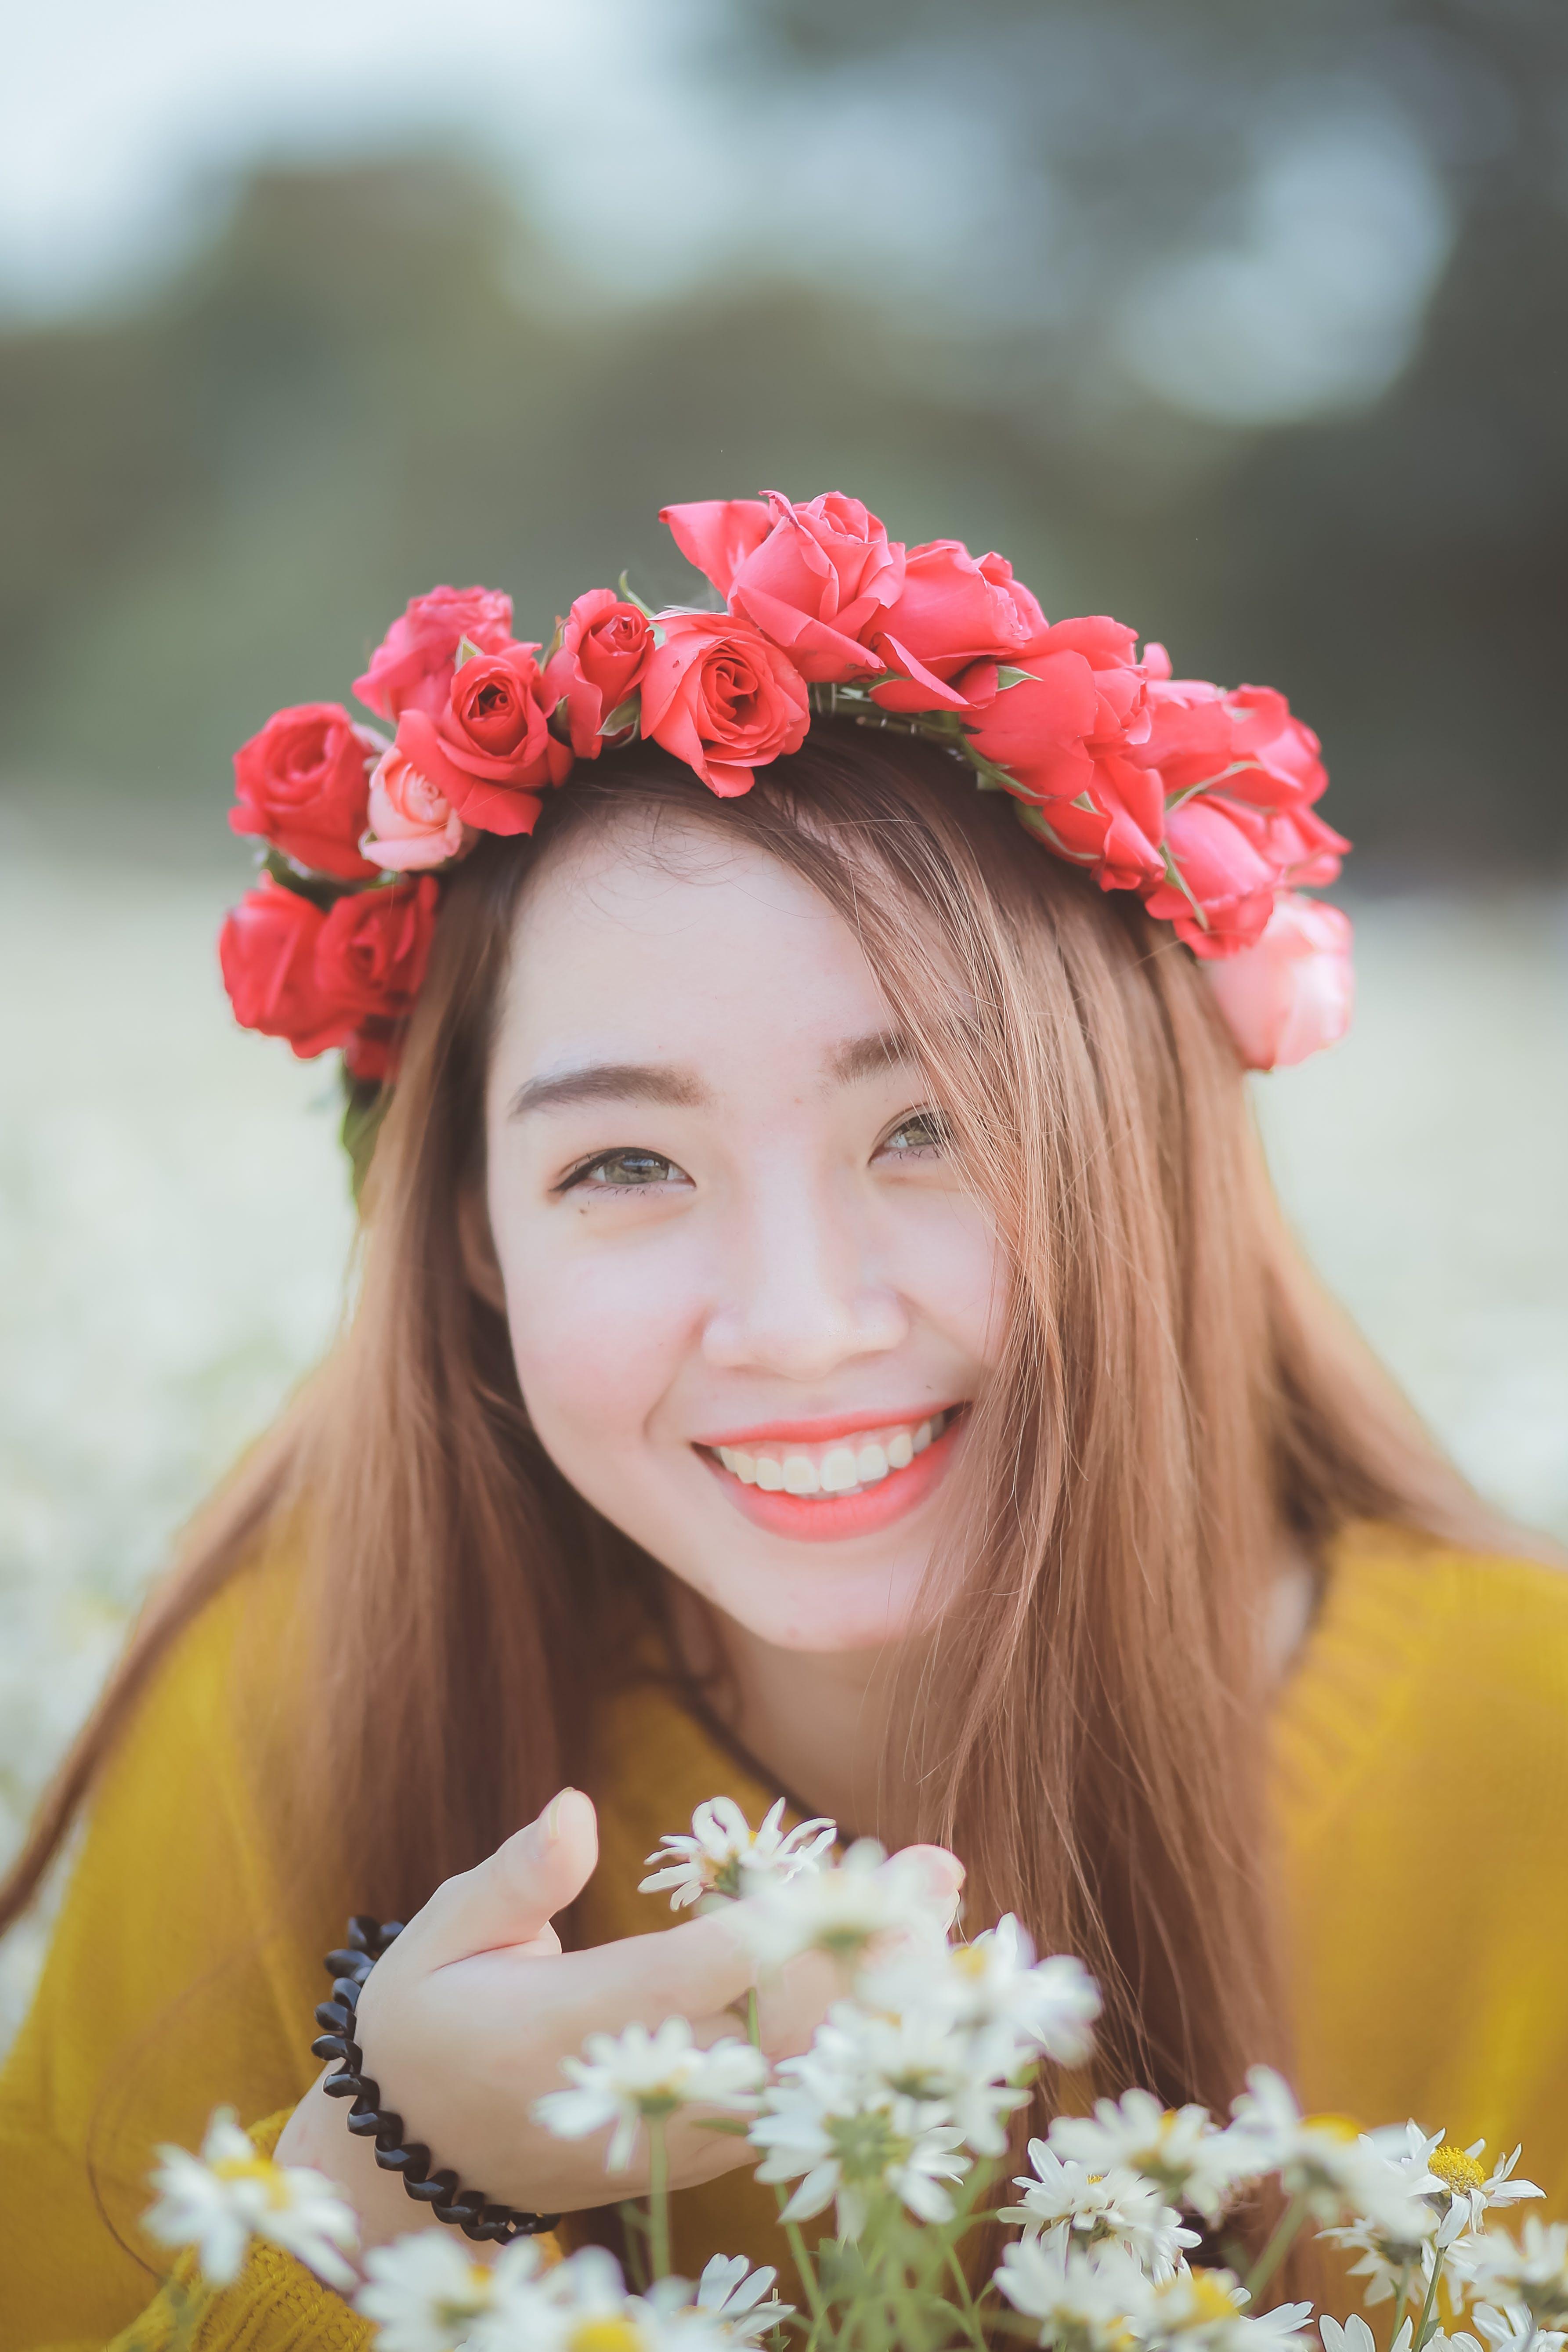 Gratis lagerfoto af hvide margueritter, Pige, smile, vietnamesisk